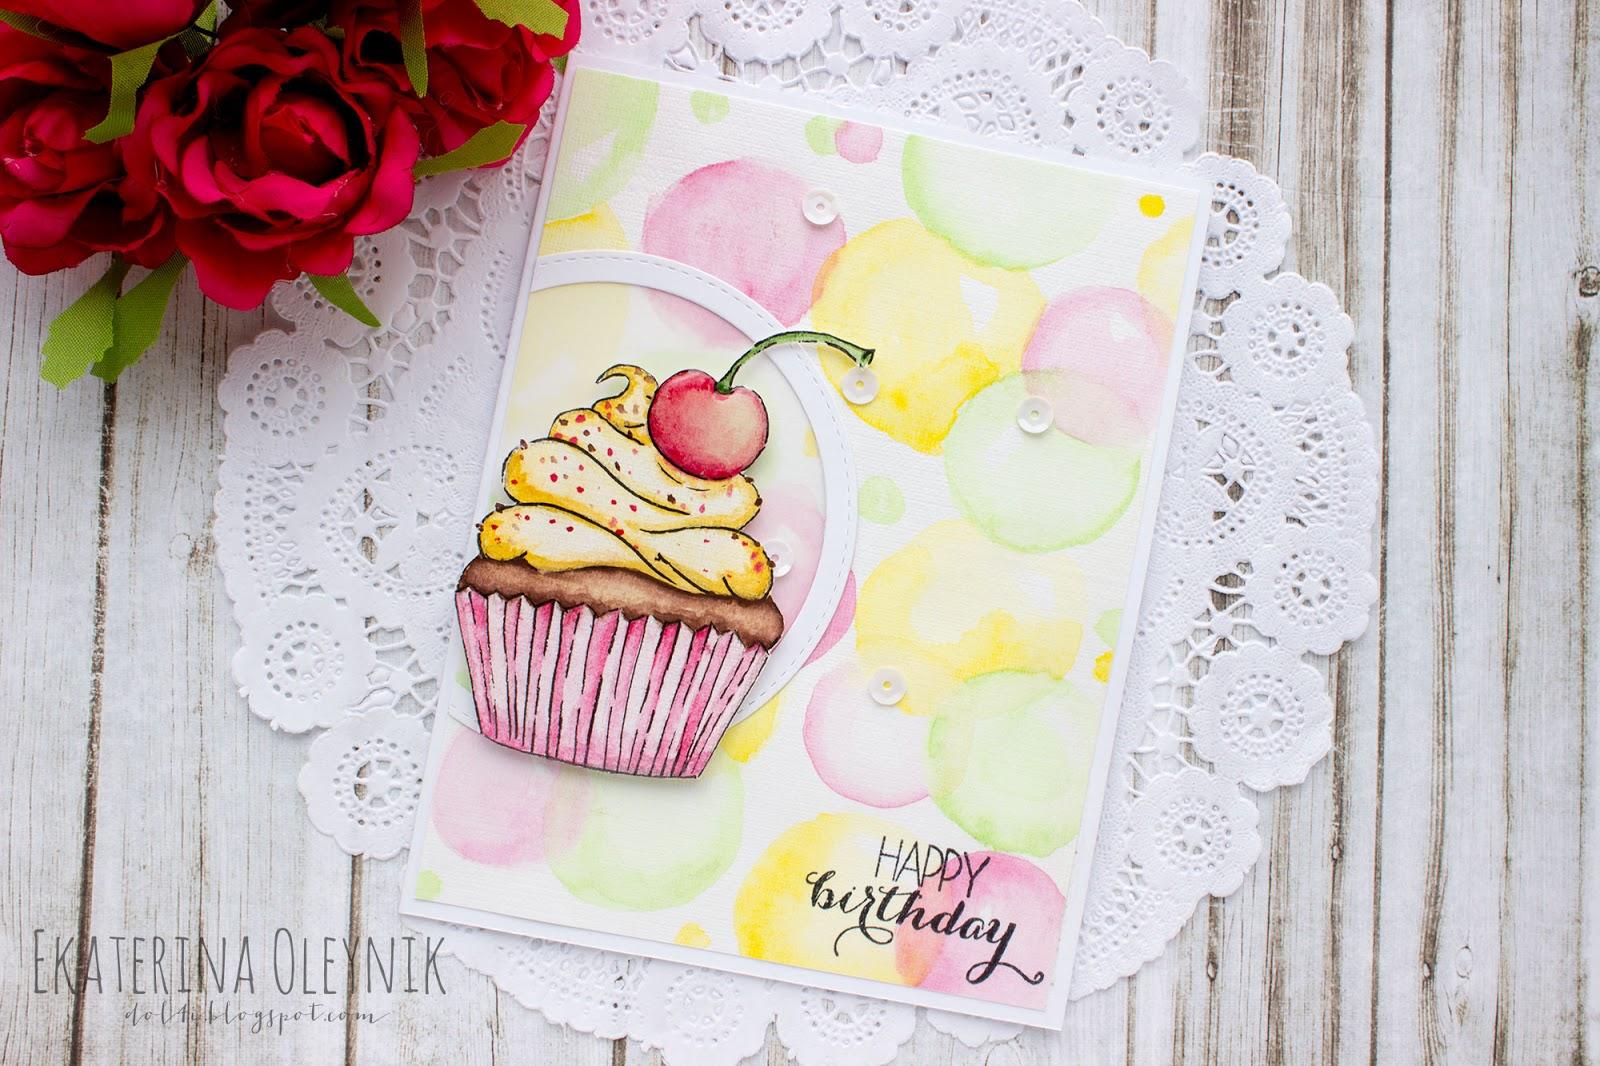 Открытка скрапбукинг пирожное, открытка